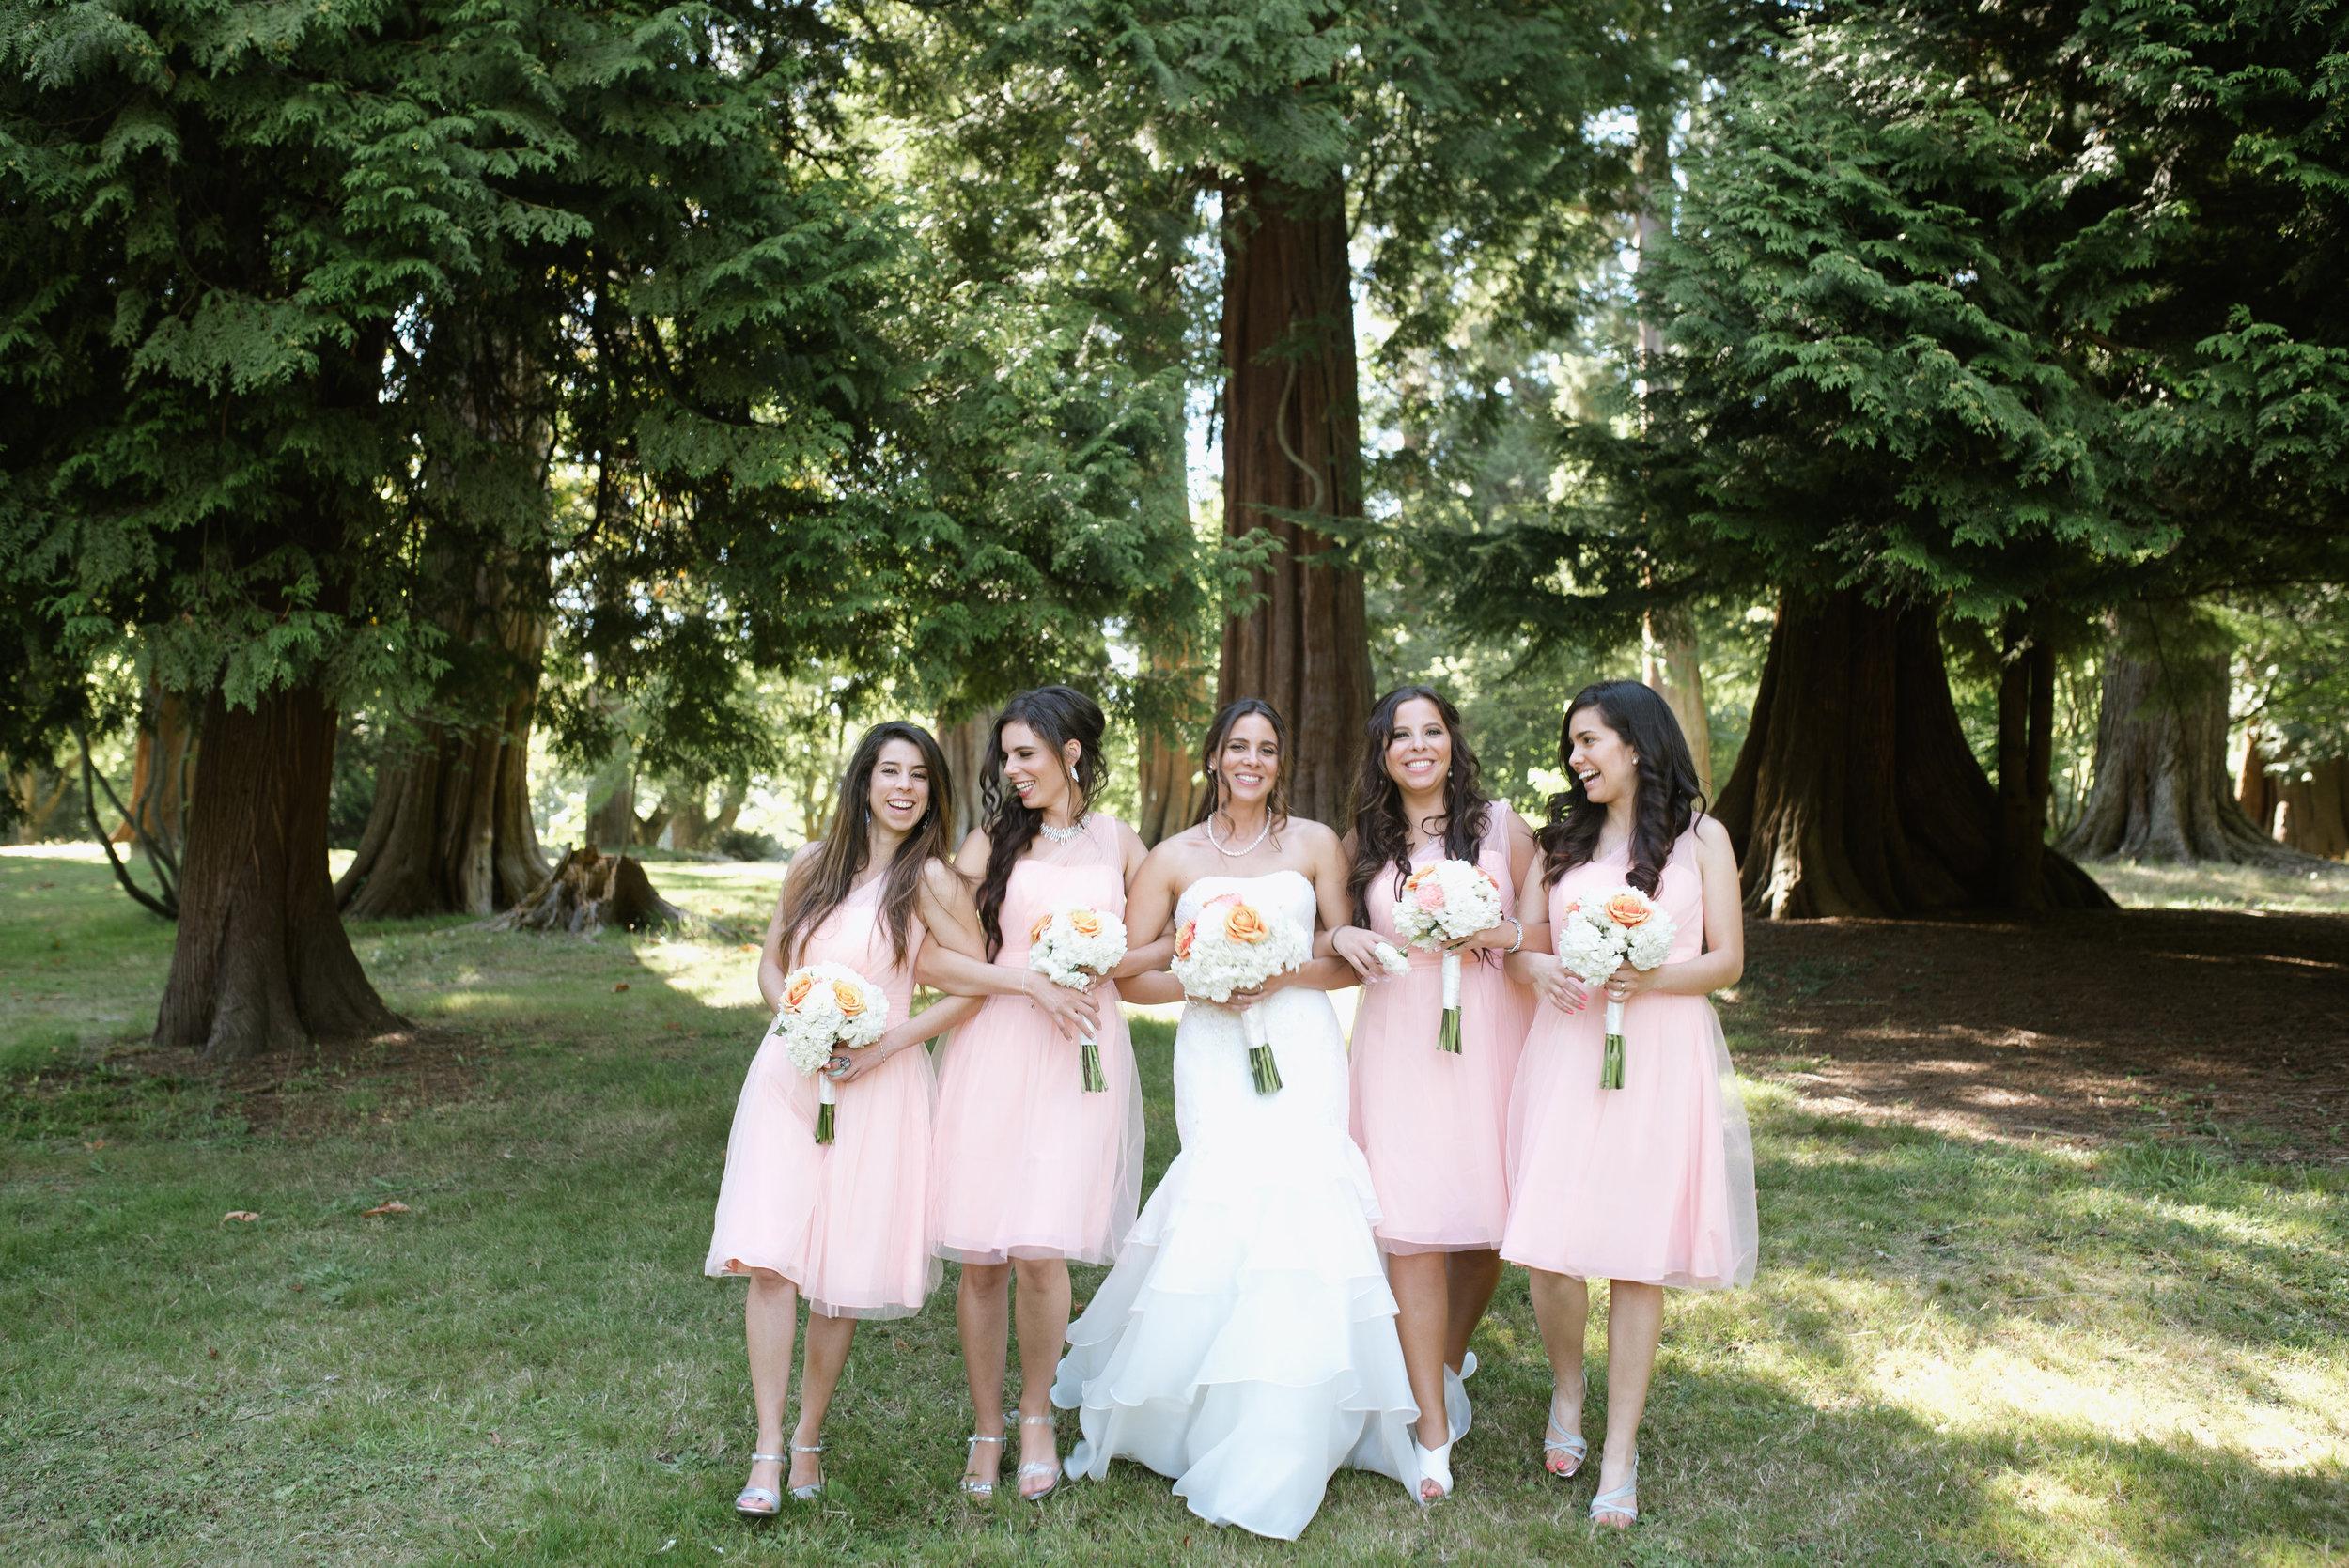 Fiorella&Al_WeddingParty-45.jpg